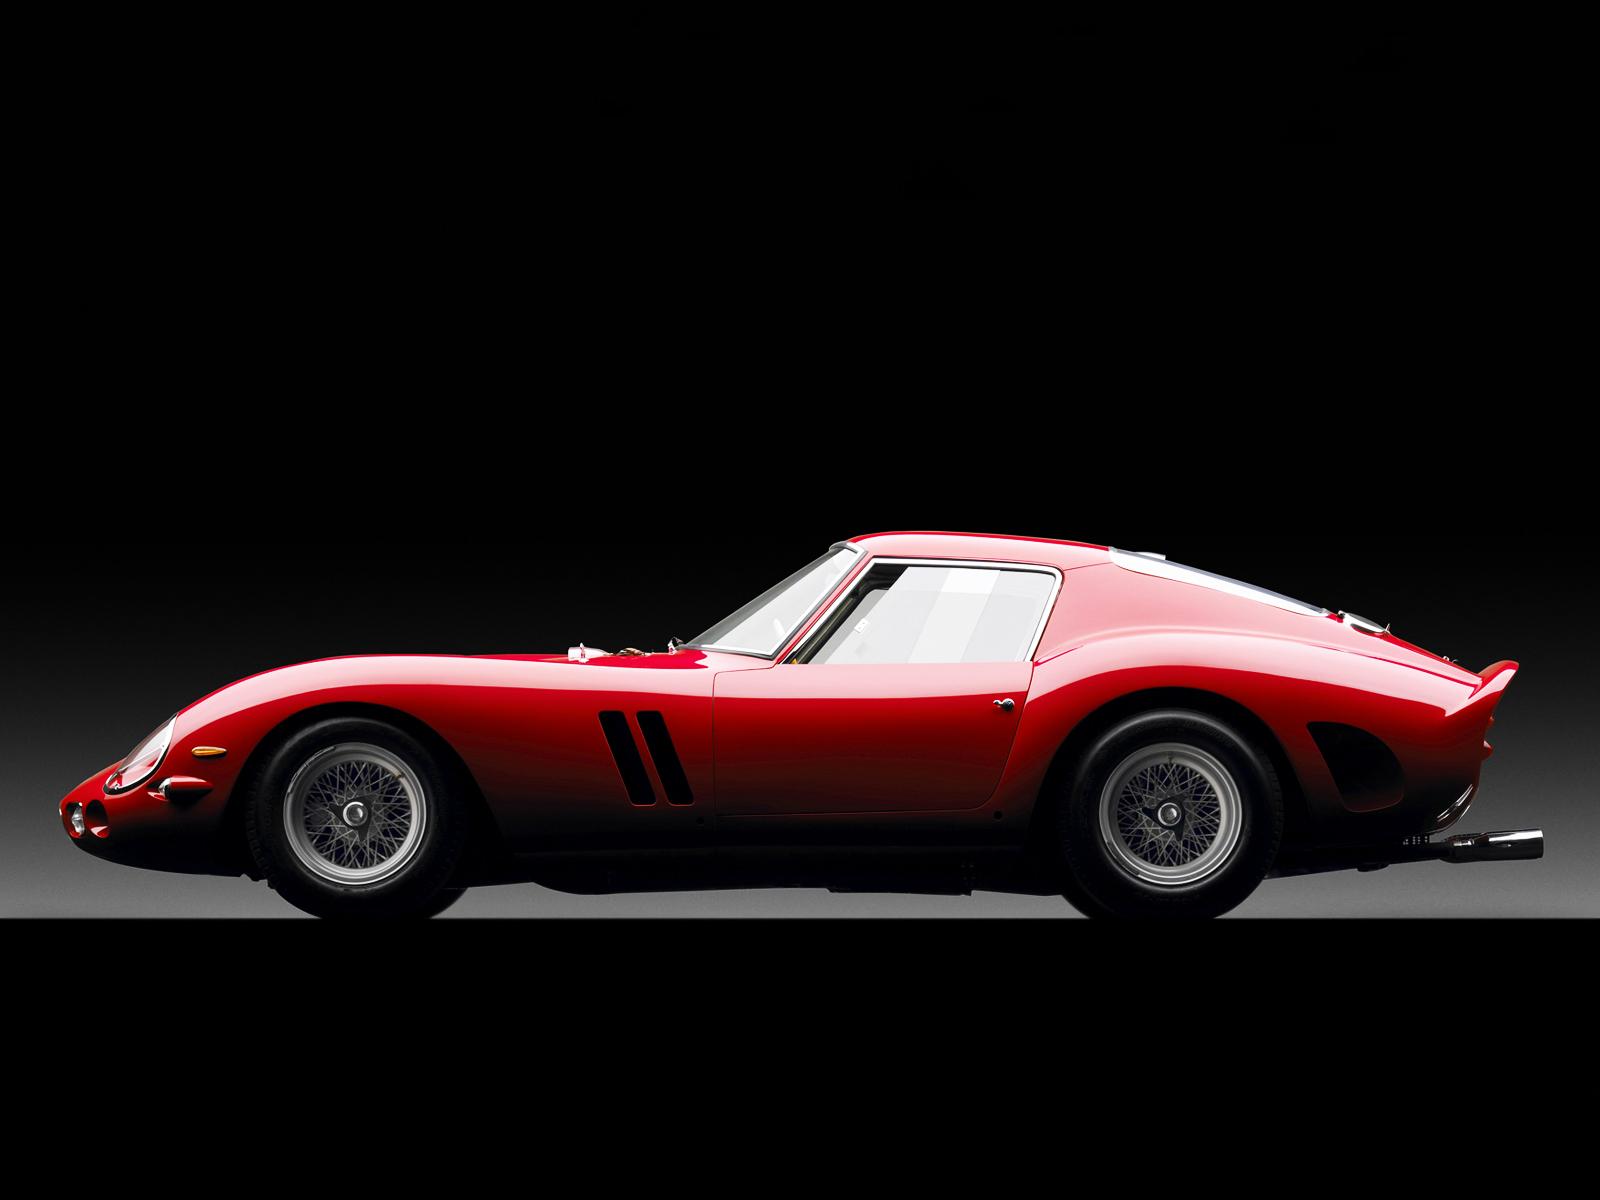 Car Wallpaper >> 1962 Ferrari 250 GTO Series-I supercar supercars classic g wallpaper | 1600x1200 | 117757 ...